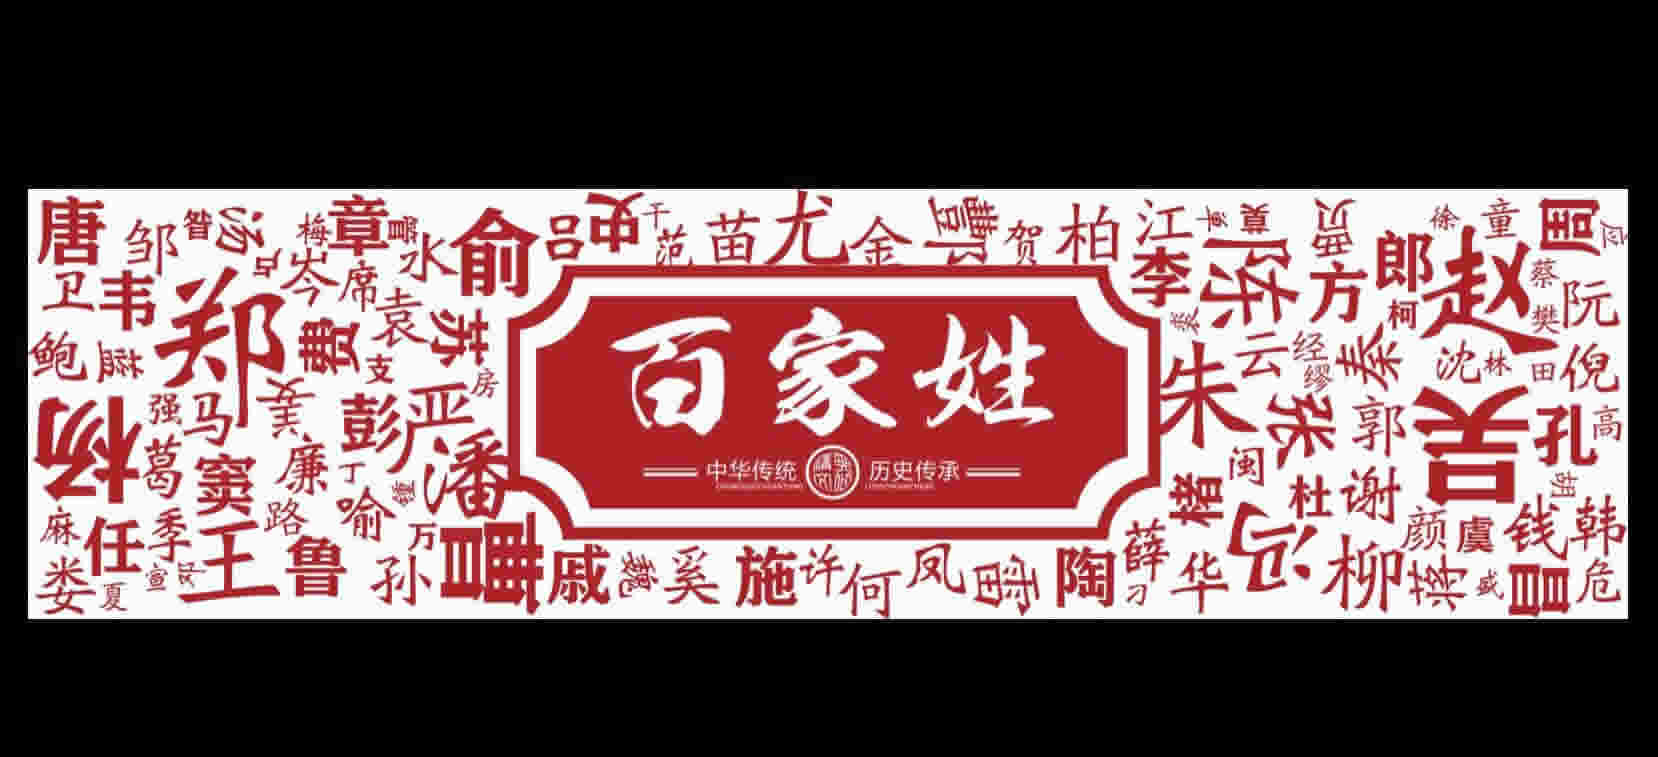 中华传统历史传承百家姓校园文化展板